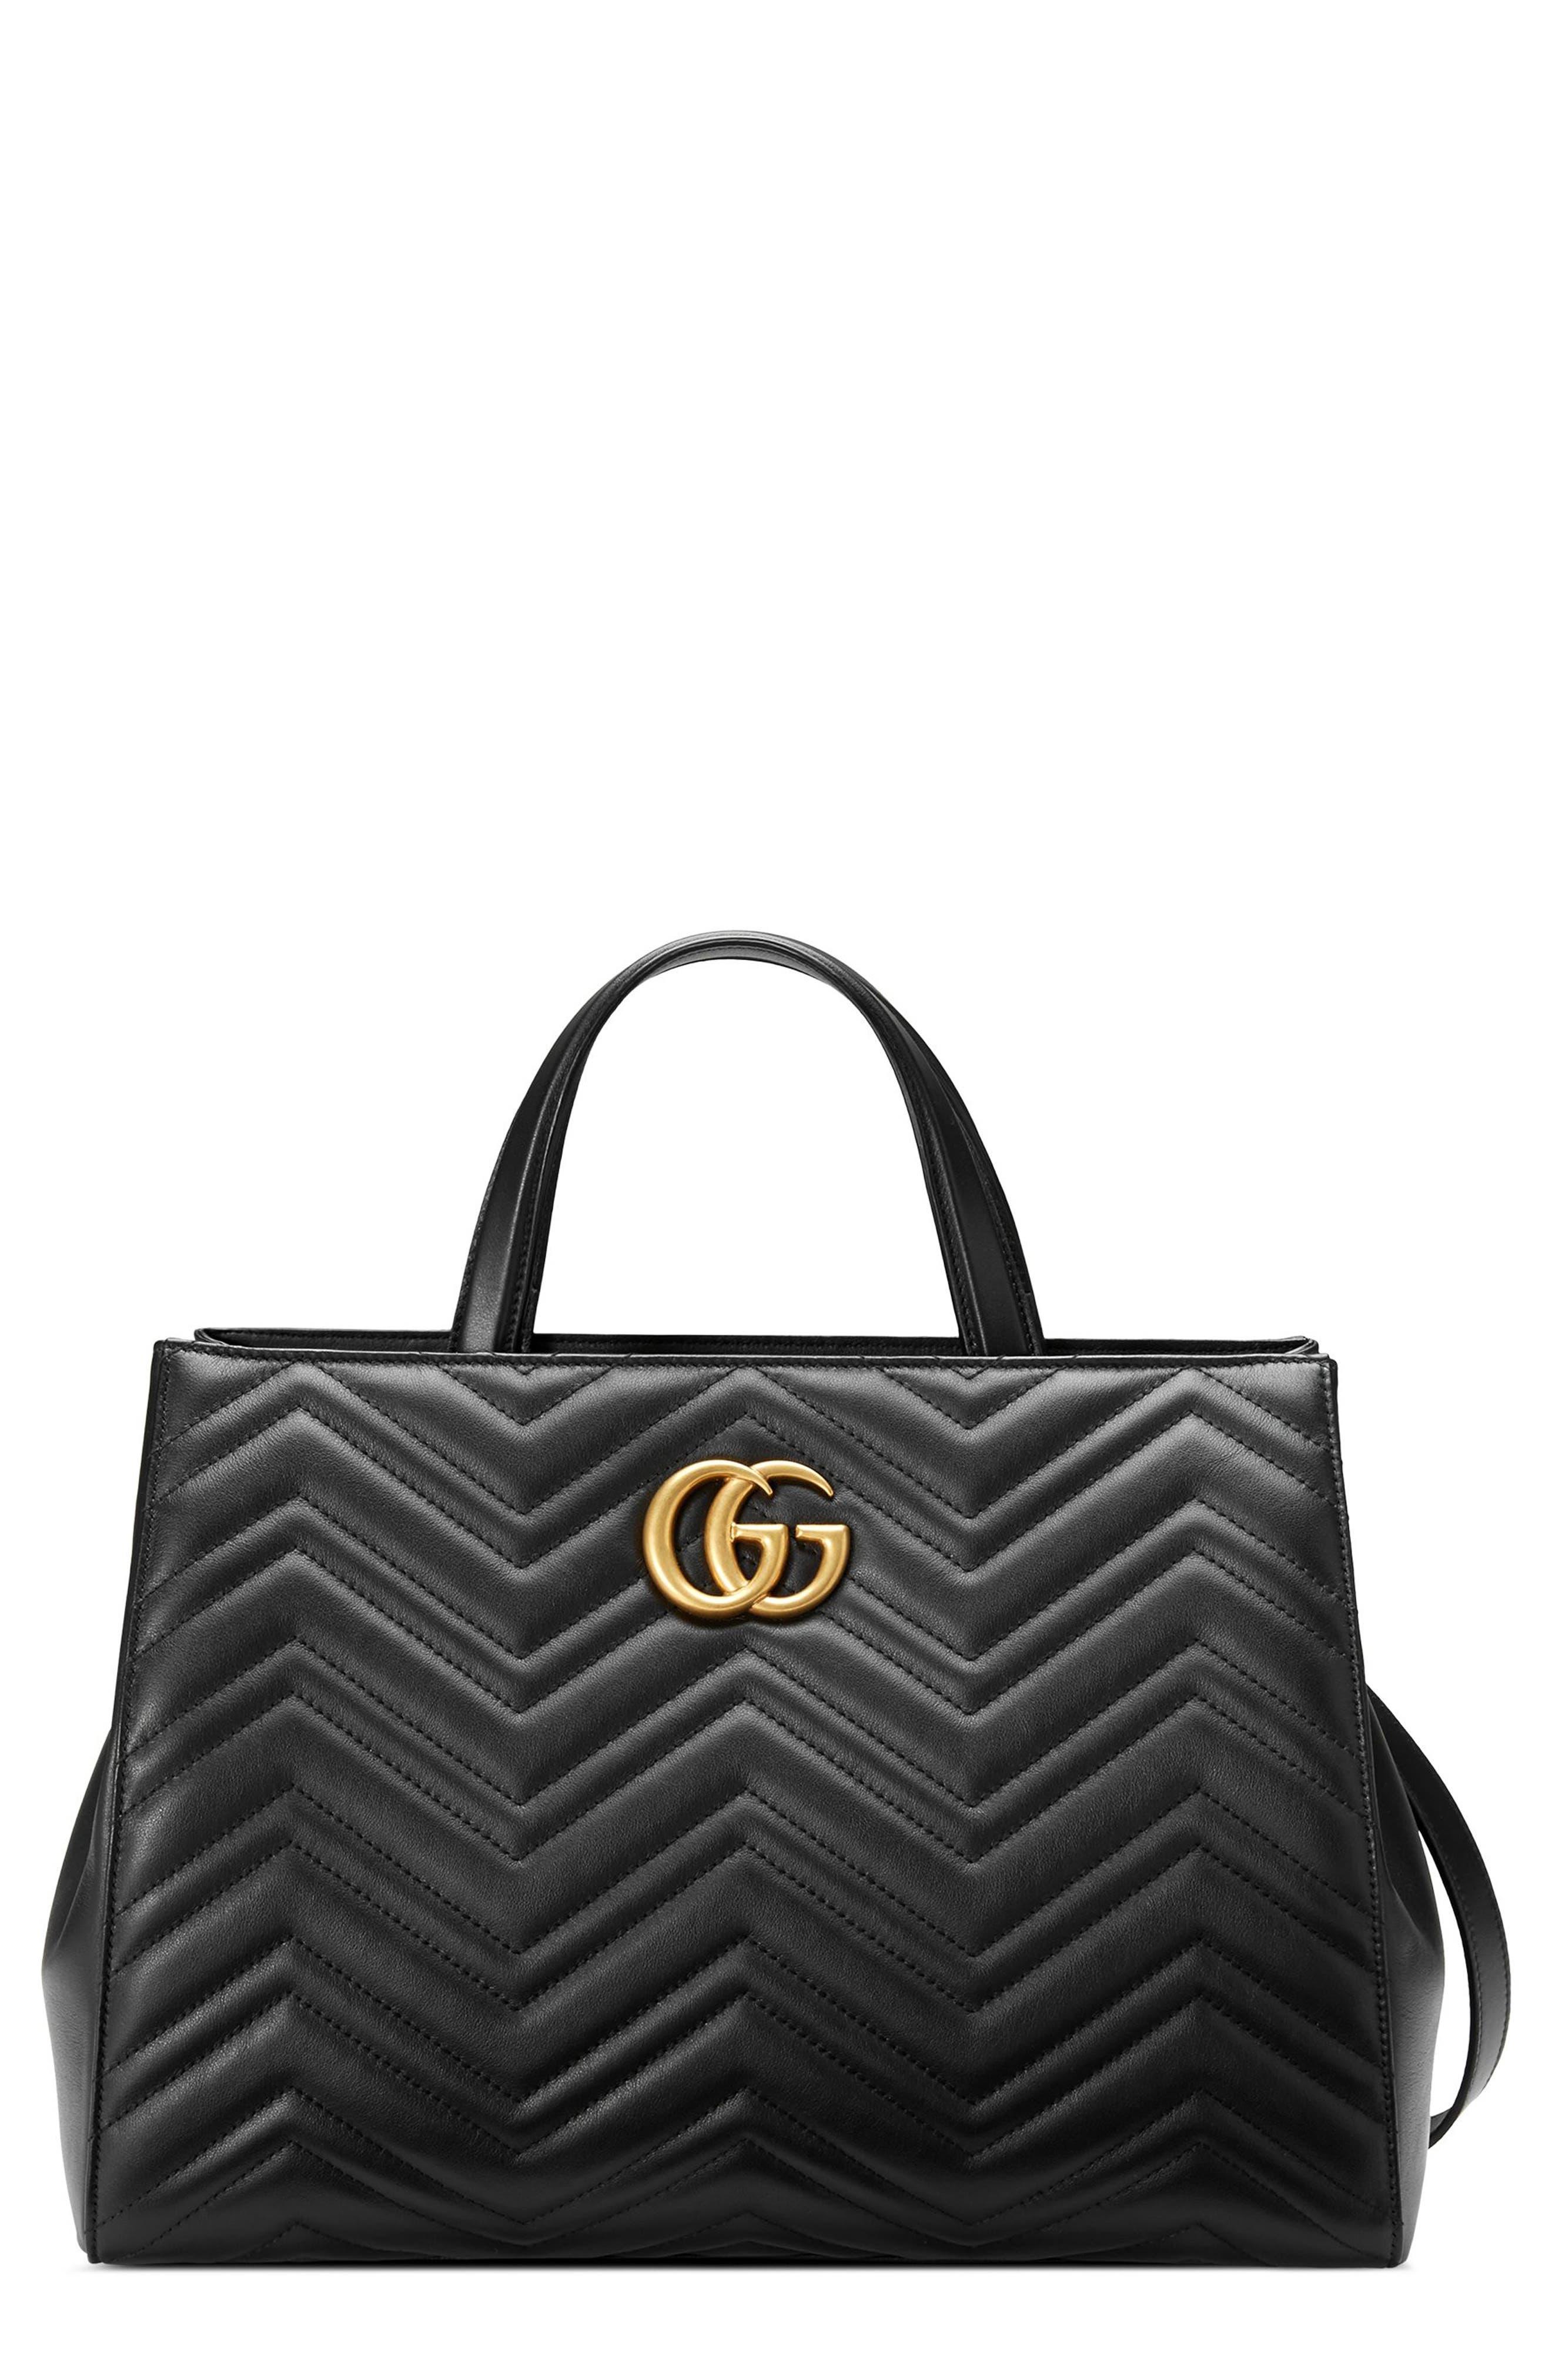 Main Image - Gucci GG Marmont Medium Matelassé Leather Top Handle Shoulder Bag